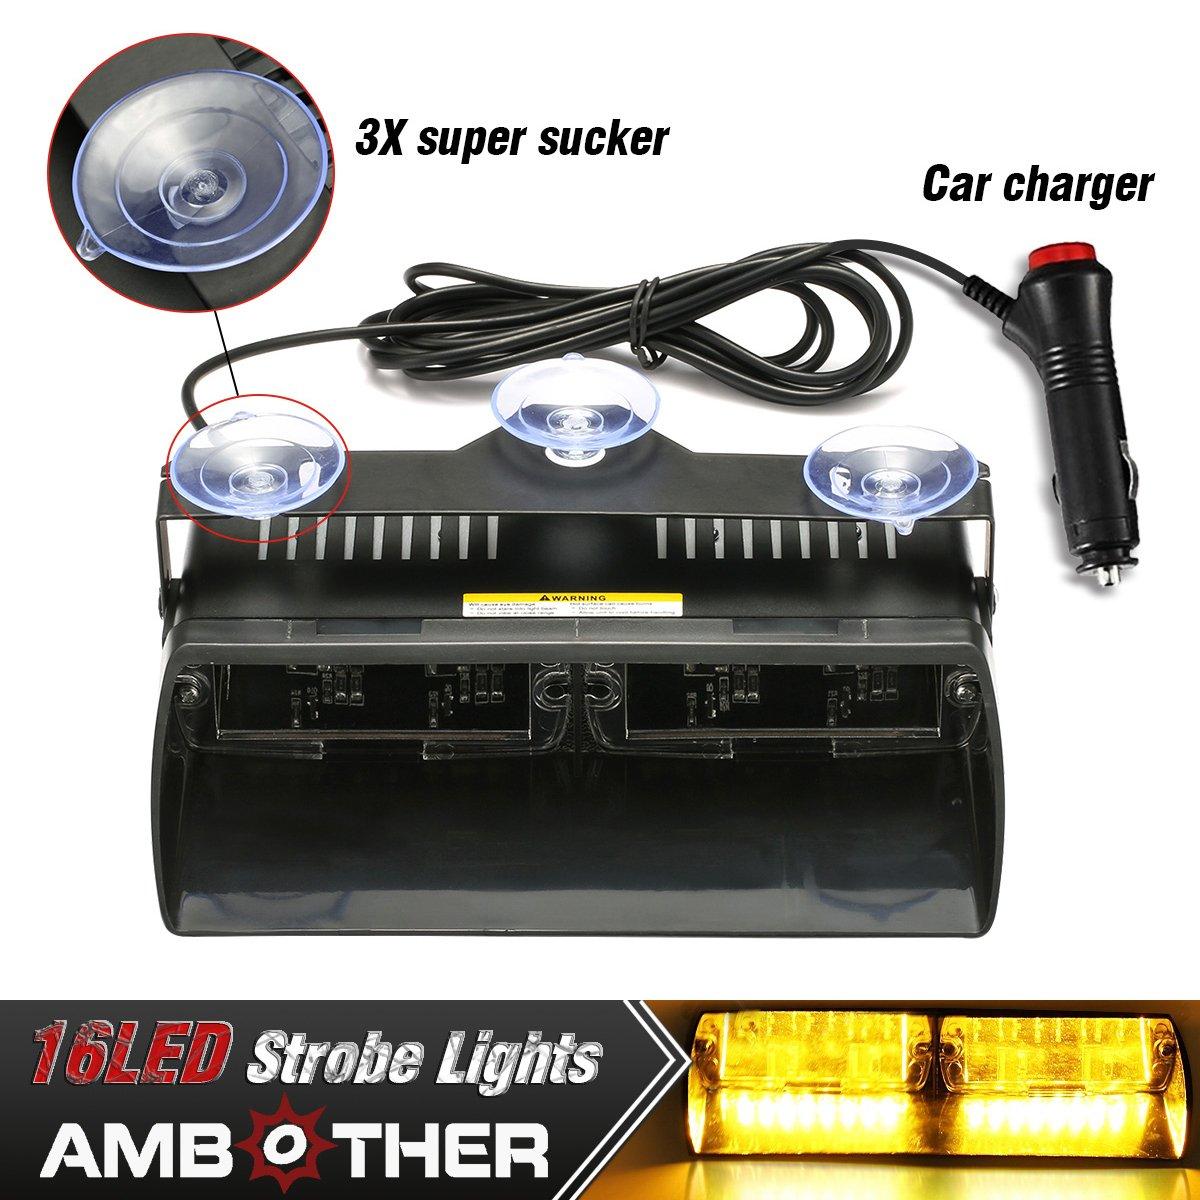 AMBOTHER 16 LED Auto Frontleuchte Signal LED Warnleuchte Blinkleuchte Lichtbalken Blitzleuchte Hohe Intensität Recht Durchsetzung Stroboskoplicht Warnblitzleuchten 18 Strobe-Muster für Träger Auto